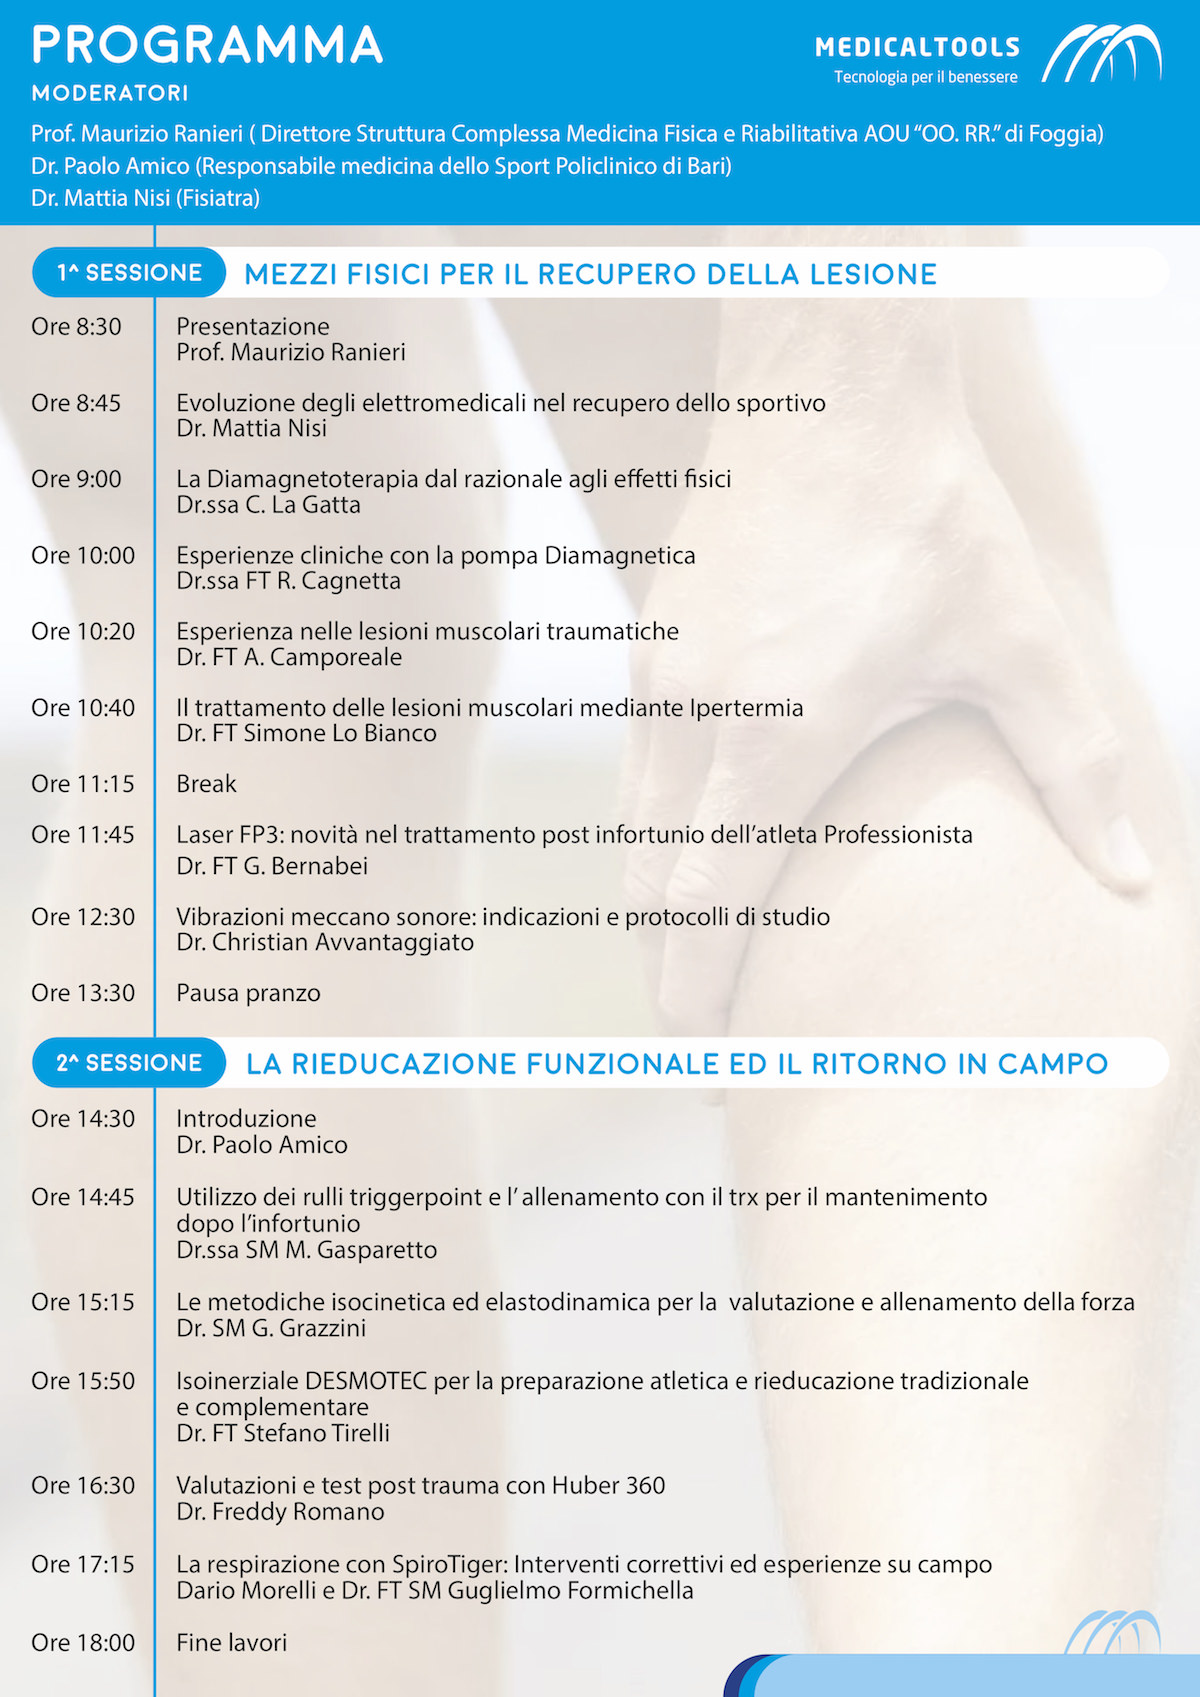 corso-nuove-tecnologie-nel-trattamento-dei-traumi-sportivi-bari-stadio-san-nicola-2017-programma2